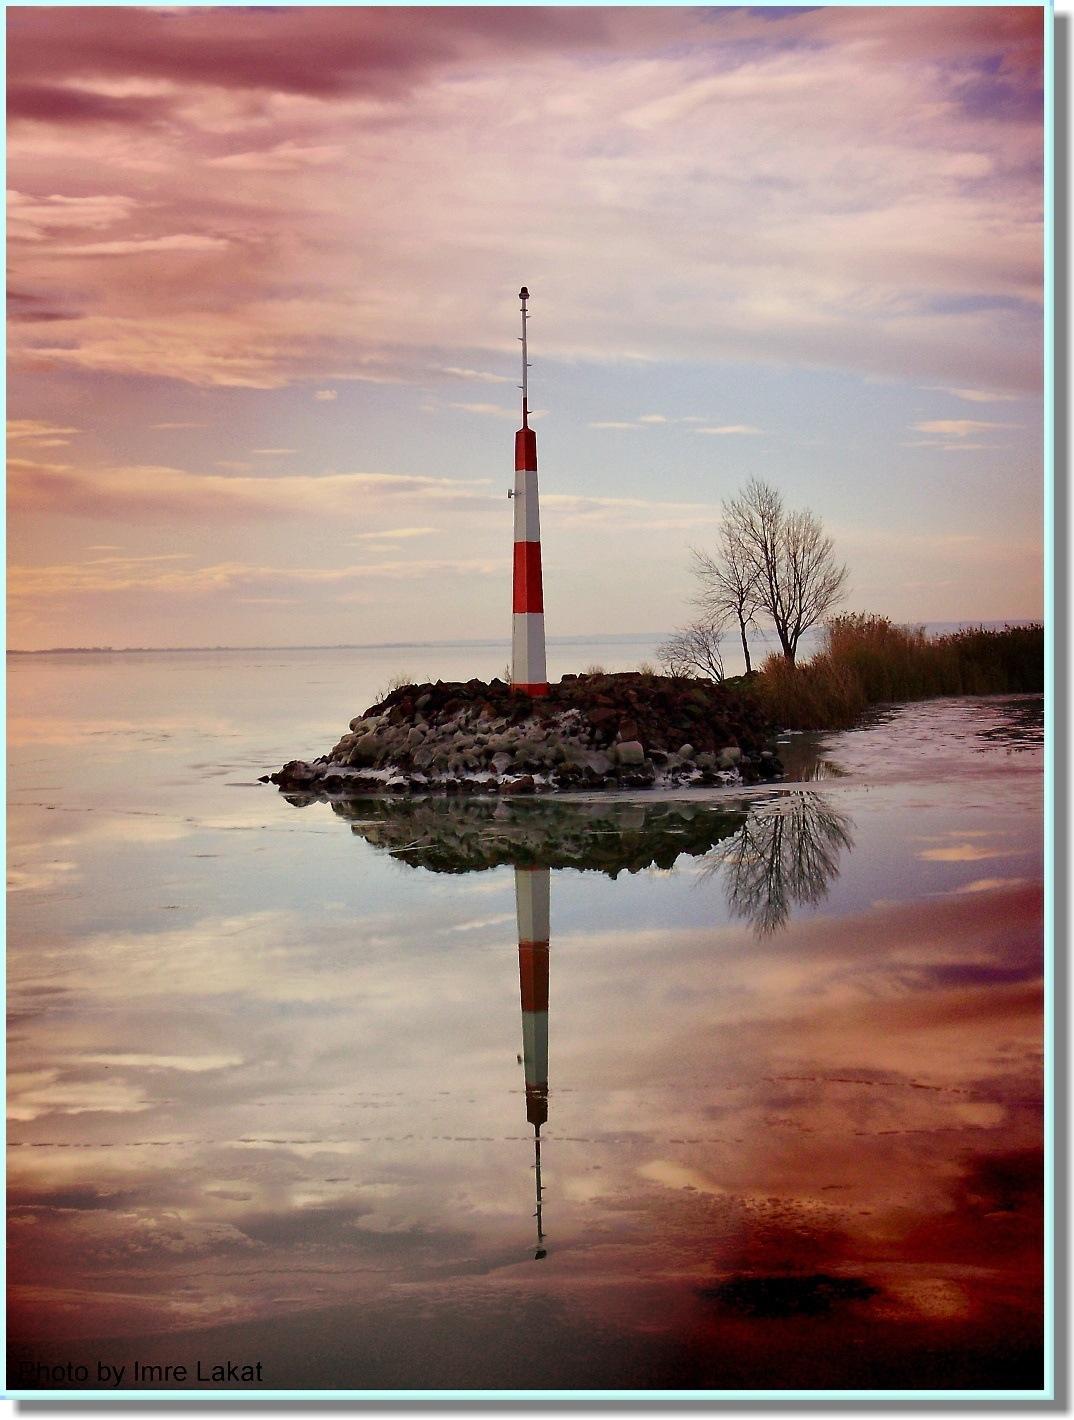 Winter in Balaton lake by Imre Lakat